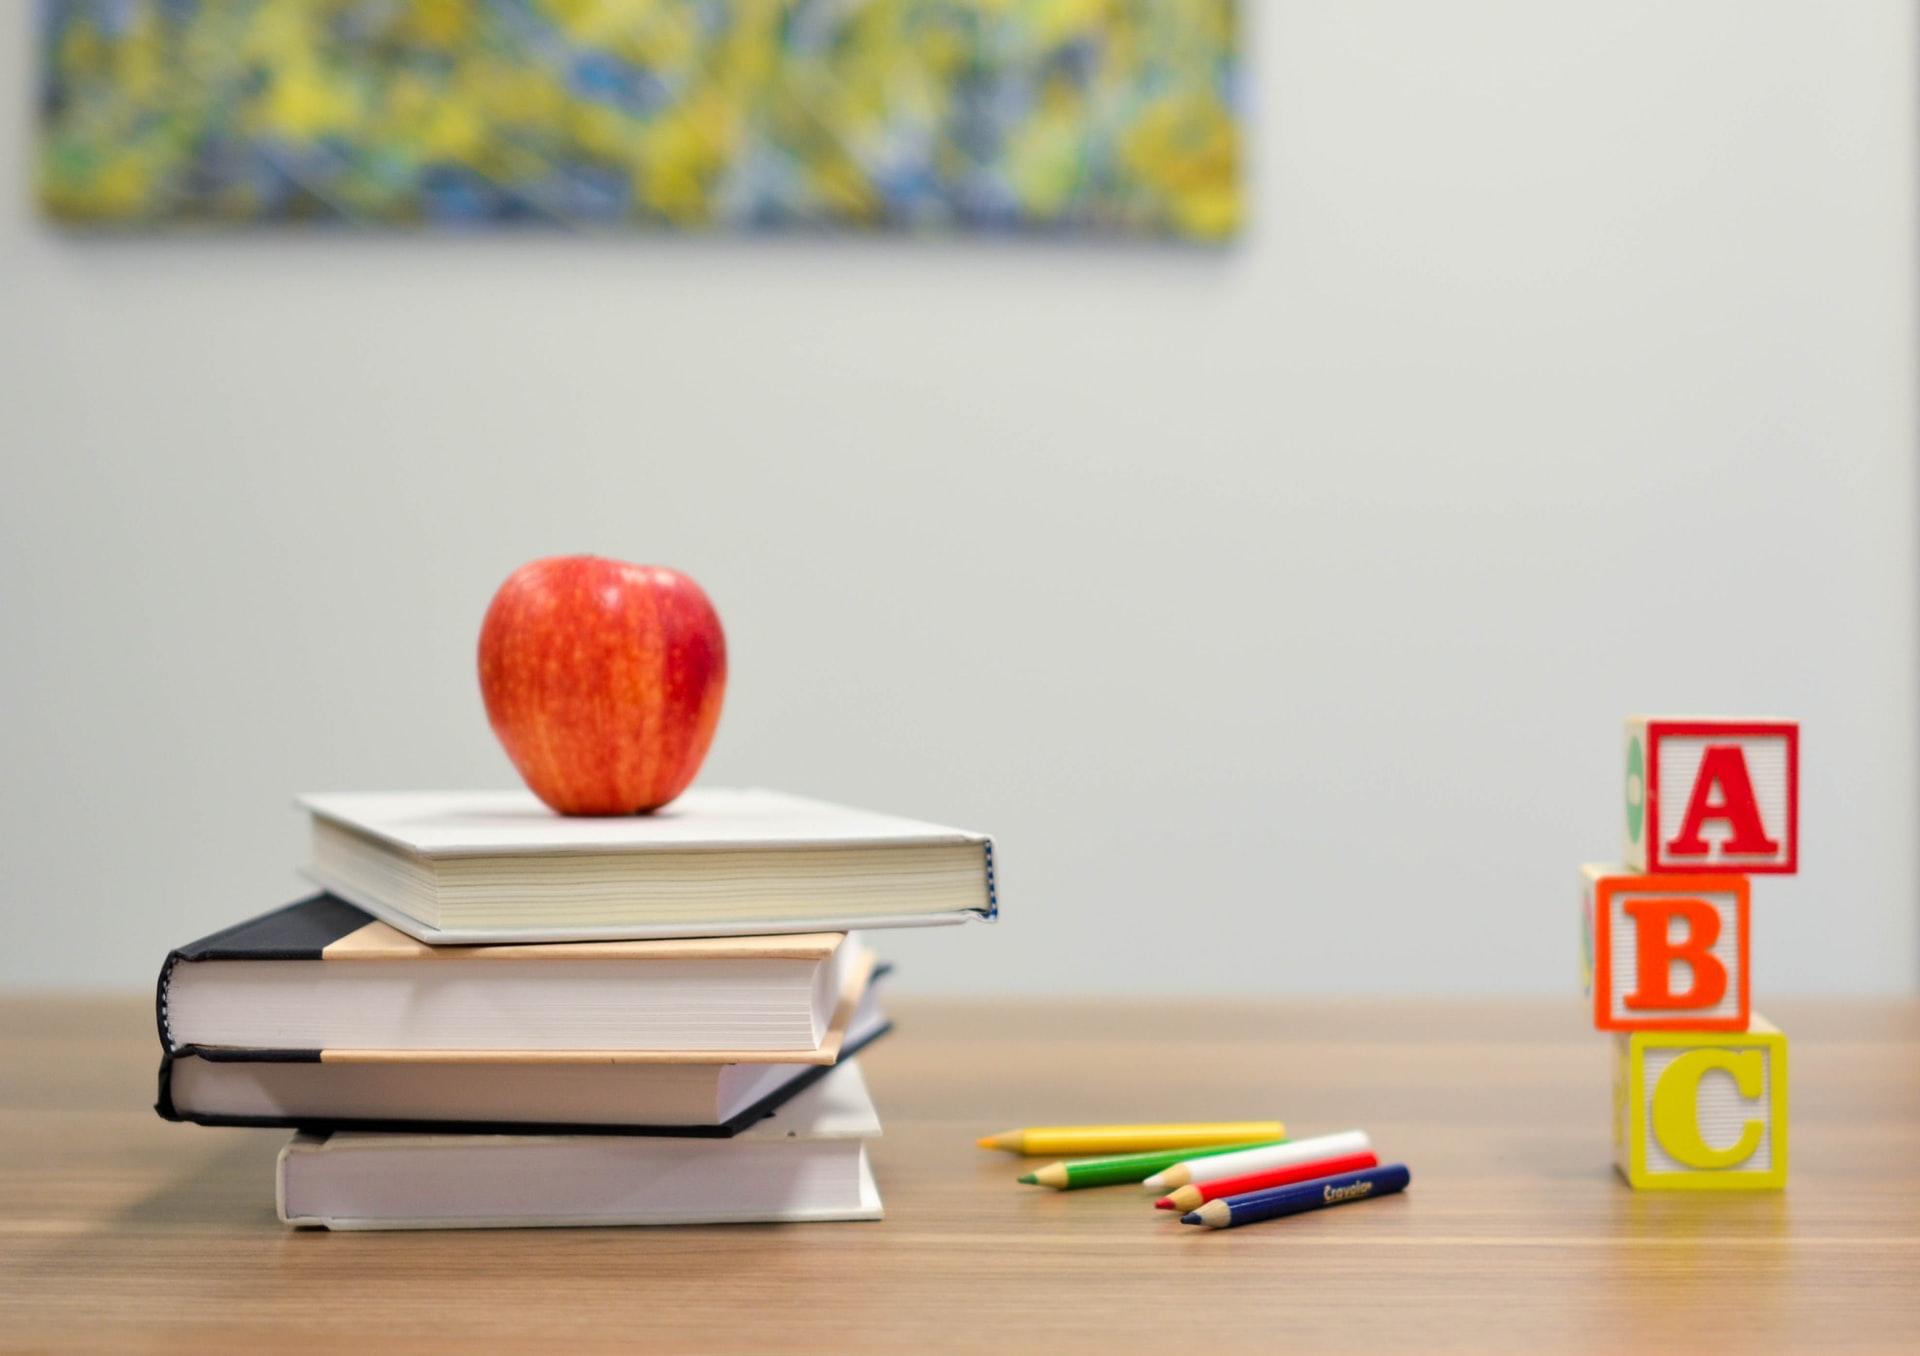 Schulmaterial in Klassenzimmer - Titelbild fuer Schulverlag.ch Magento Shop mit Sammelbestellungen im Schulwesen - insign gmbh